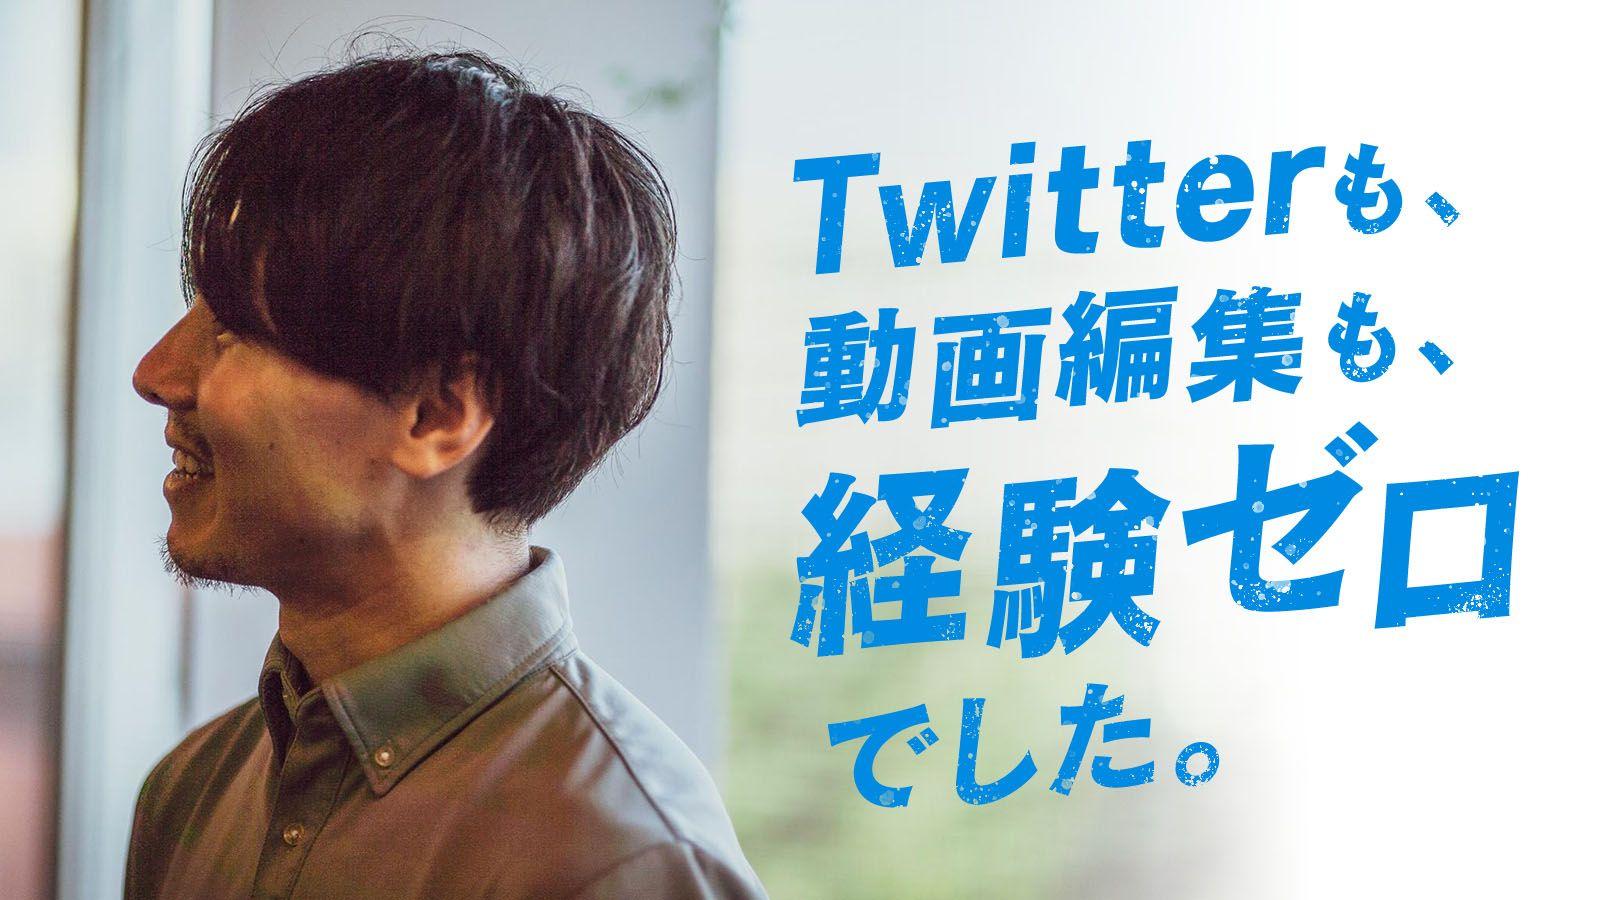 パーソナルトレーナー 鈴木孝佳のTwitter術|4つのポイント